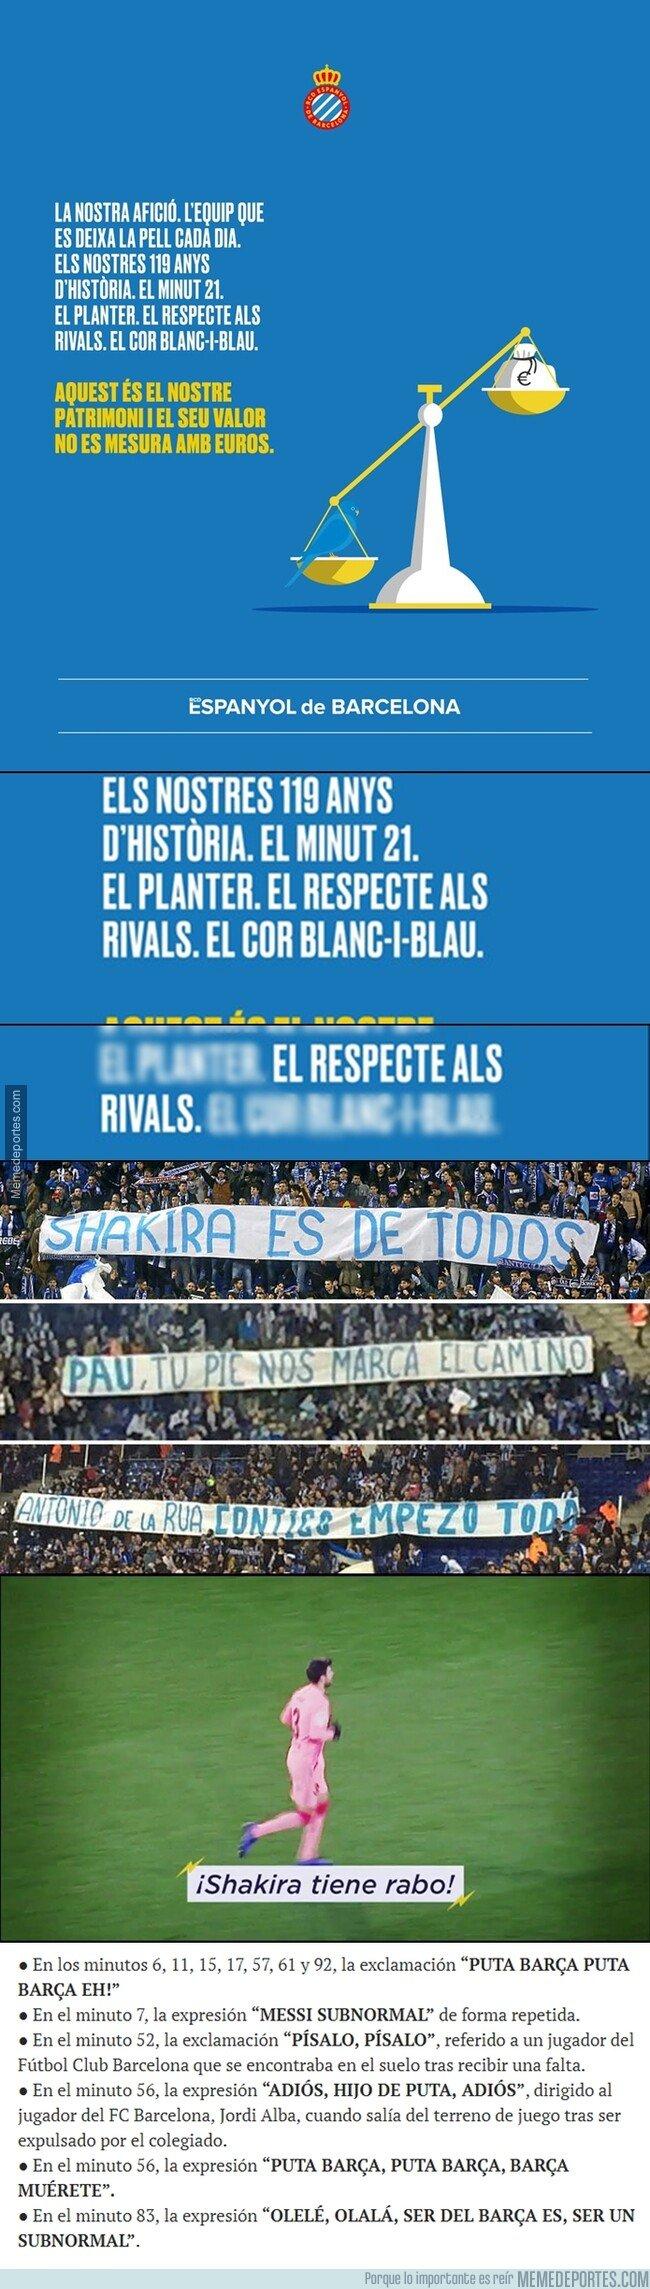 1069748 - Espanyol le contestó a Piqué presumiendo de 'otro patrimonio' y la verdad, pues...